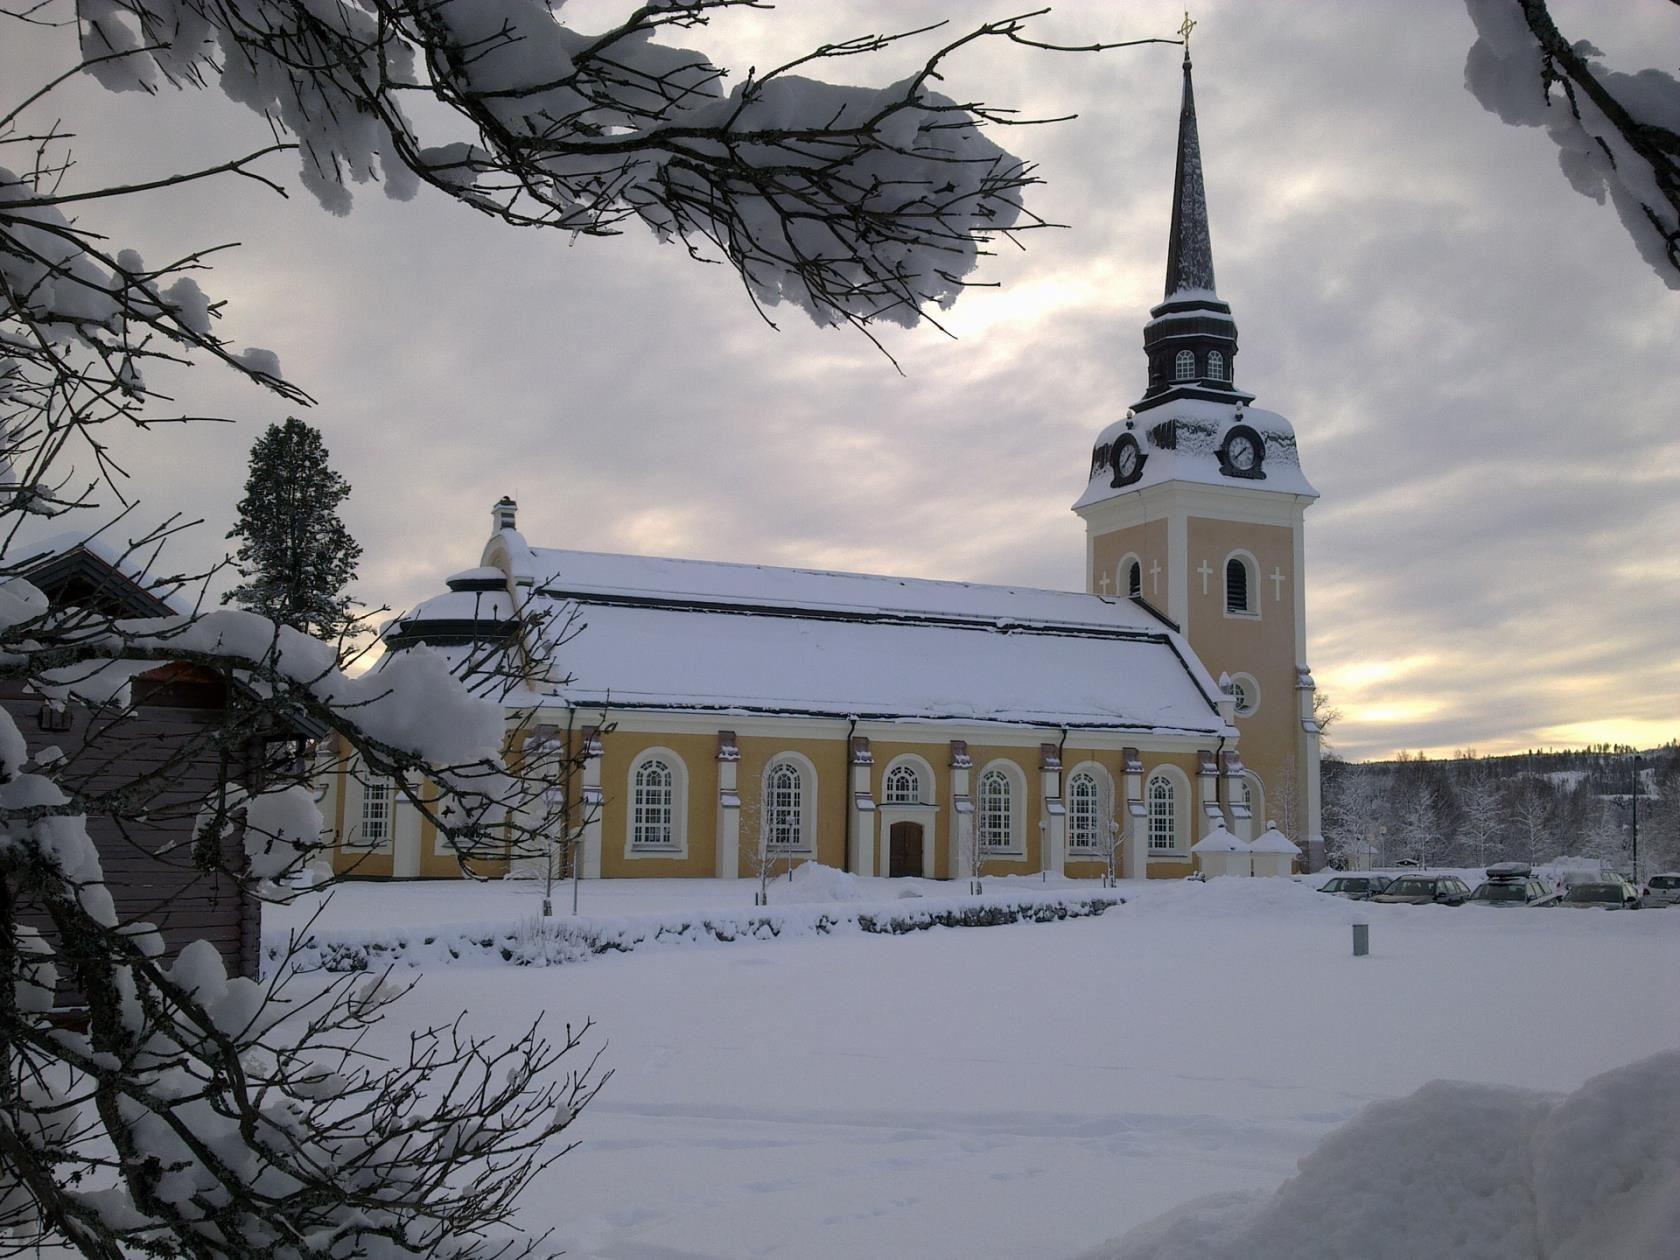 Vasaloppsinvigning i Älvdalens kyrka